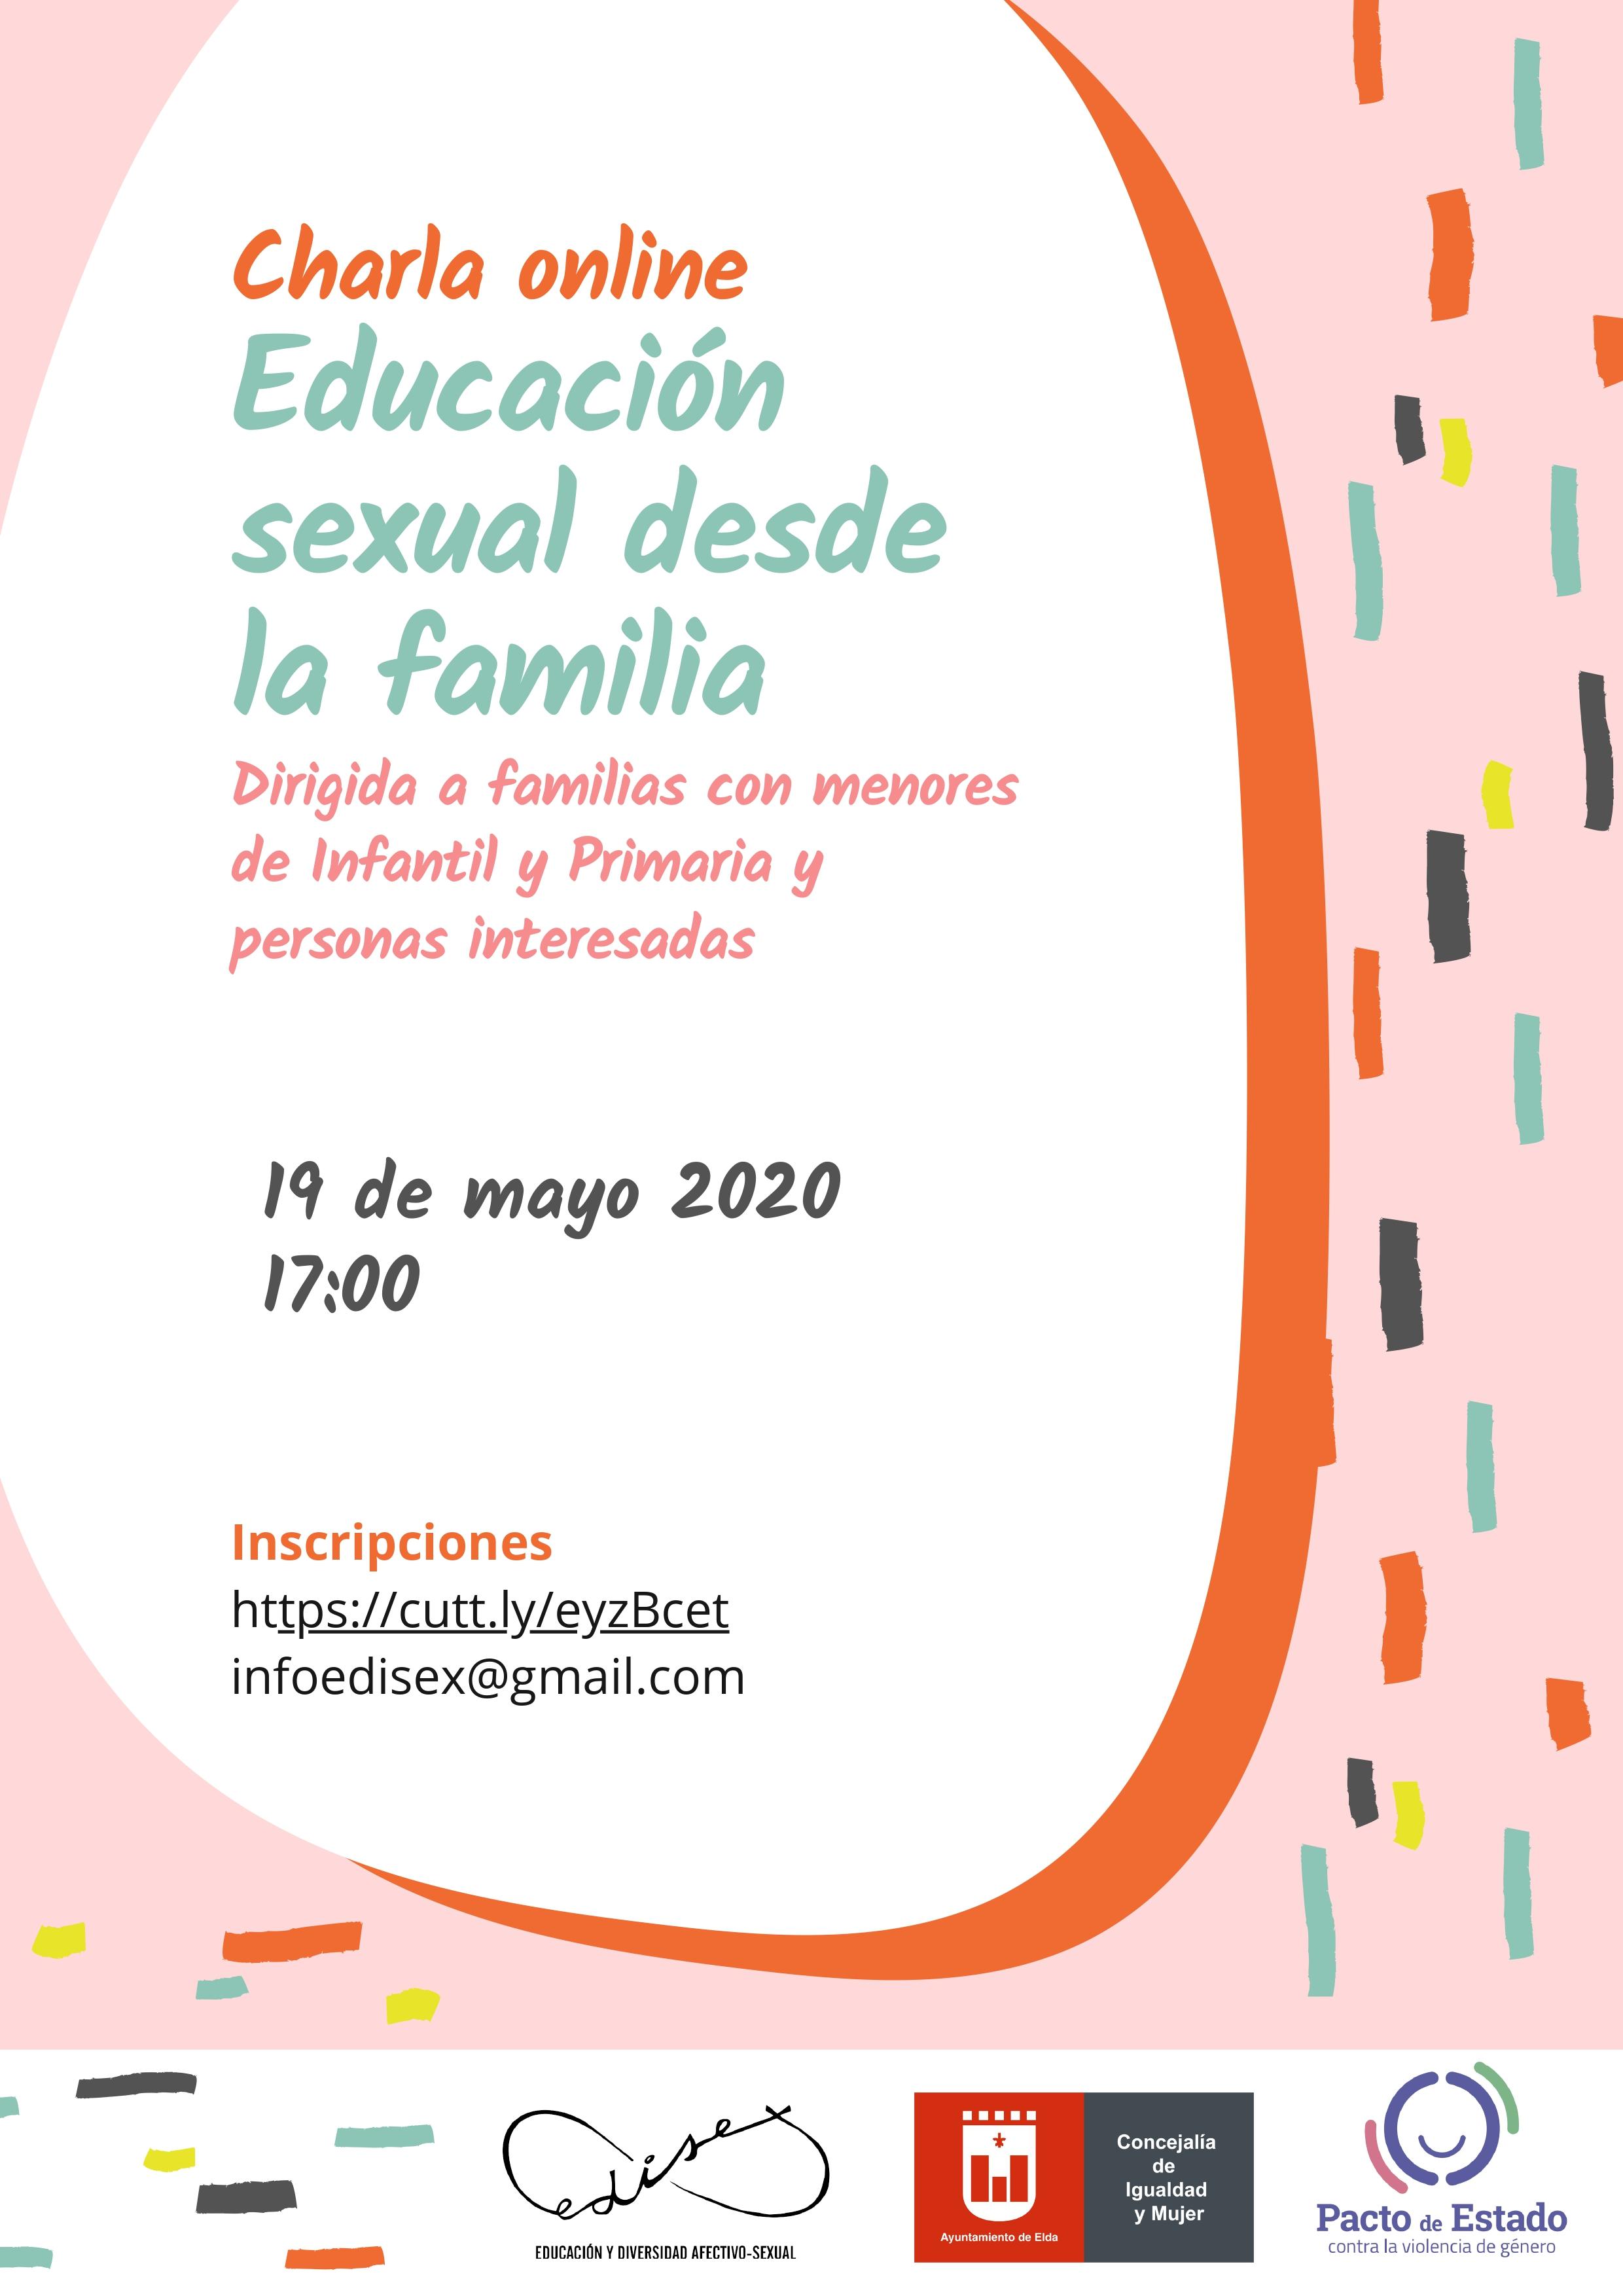 La Concejalía de Igualdad y Mujer organiza una conferencia online sobre educación sexual desde la familia